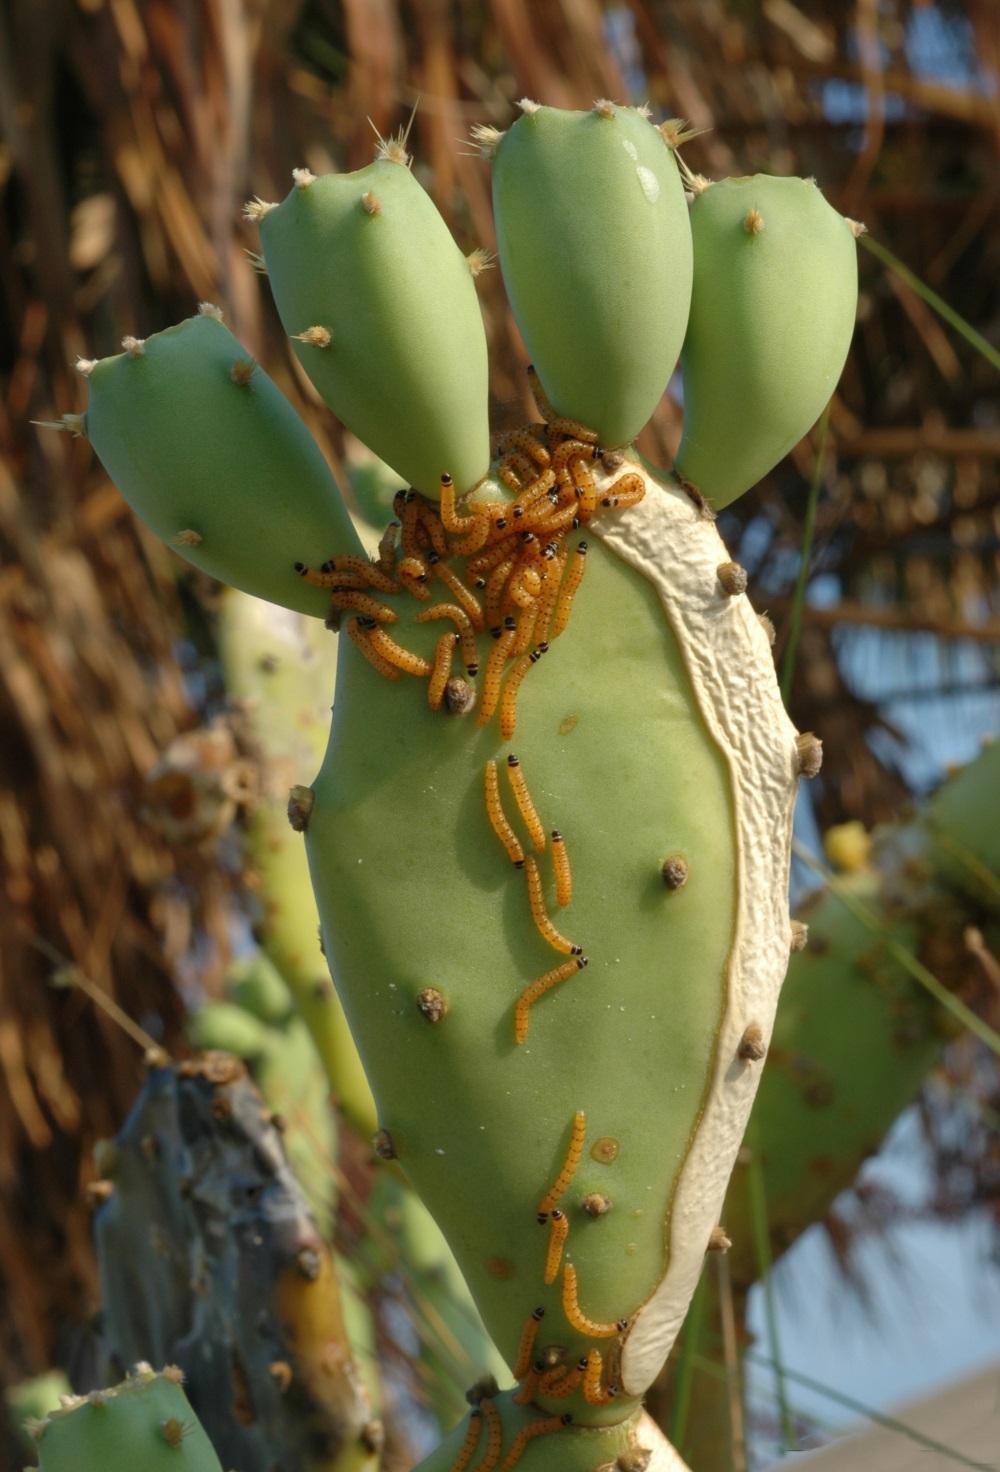 Larvaefeedingoncacti